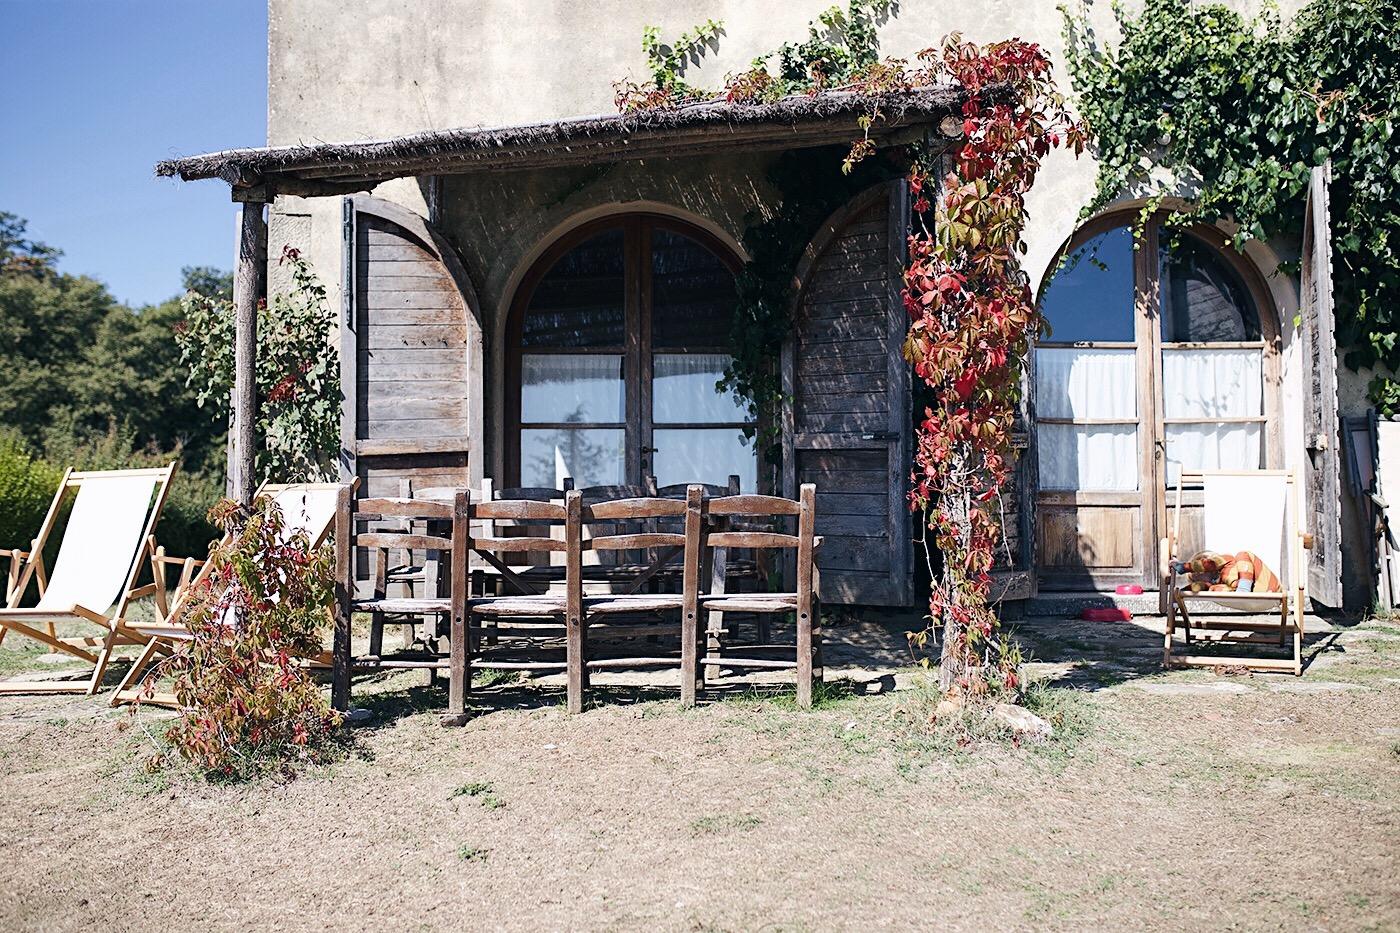 Ein toskanisches Familienparadies: Der Bio-Bauernhof Fattoria La Vialla Teil 1 #agriturismo #biobauernhof #urlaubmitkindern #toskanamitkindern #famileinurlaub #fattorialavialla | www.pinspiration.de